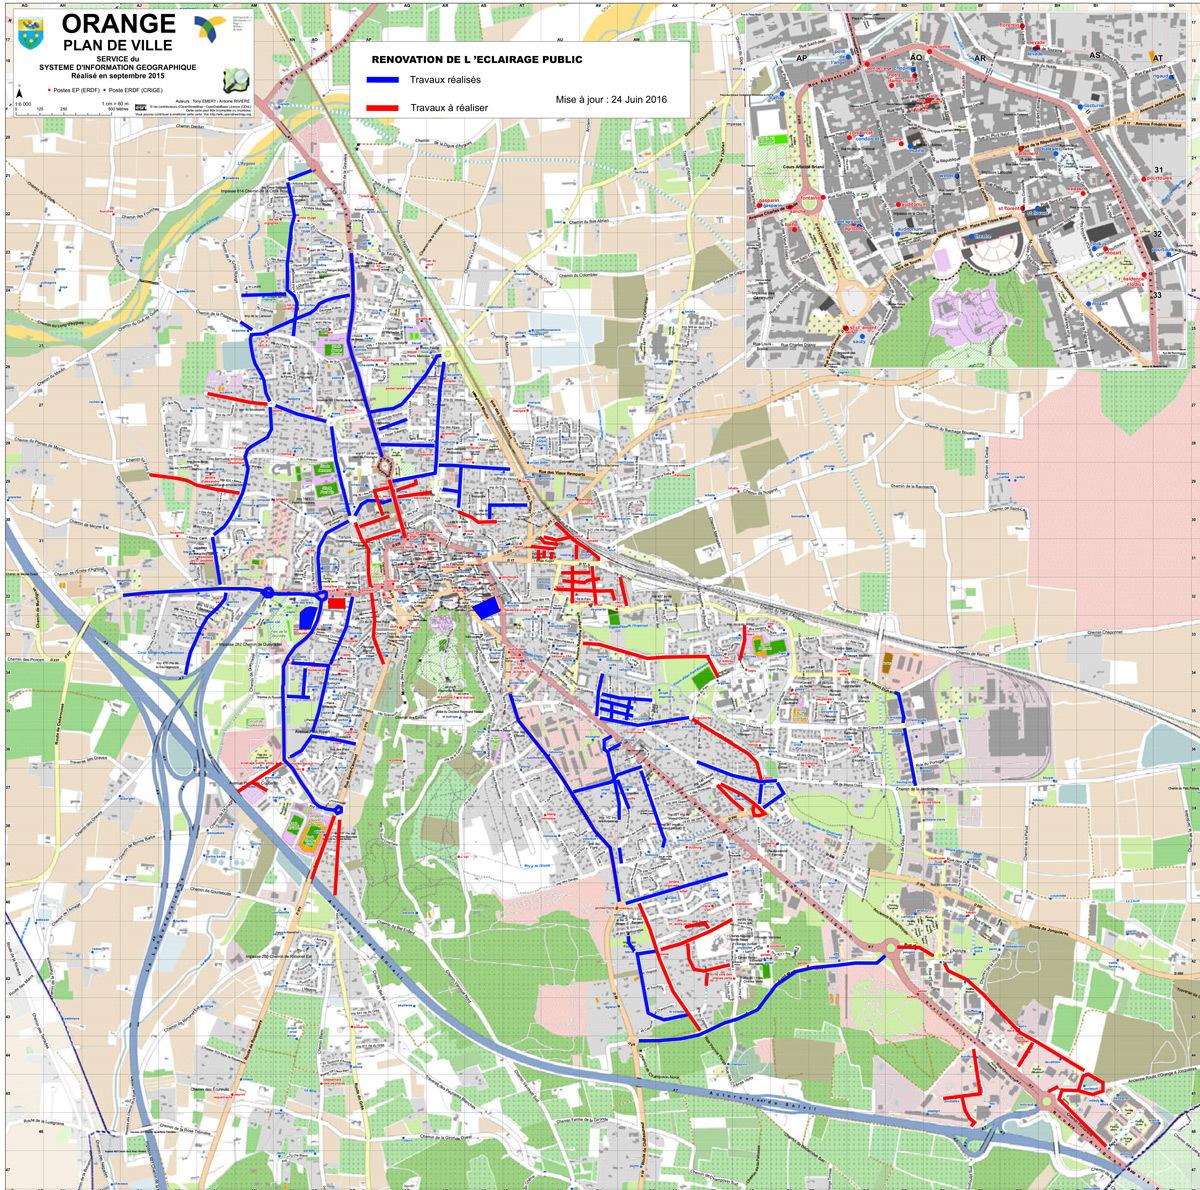 Eclairage public - plan de rénovation en 2016 - Ville d'Orange © CCPRO